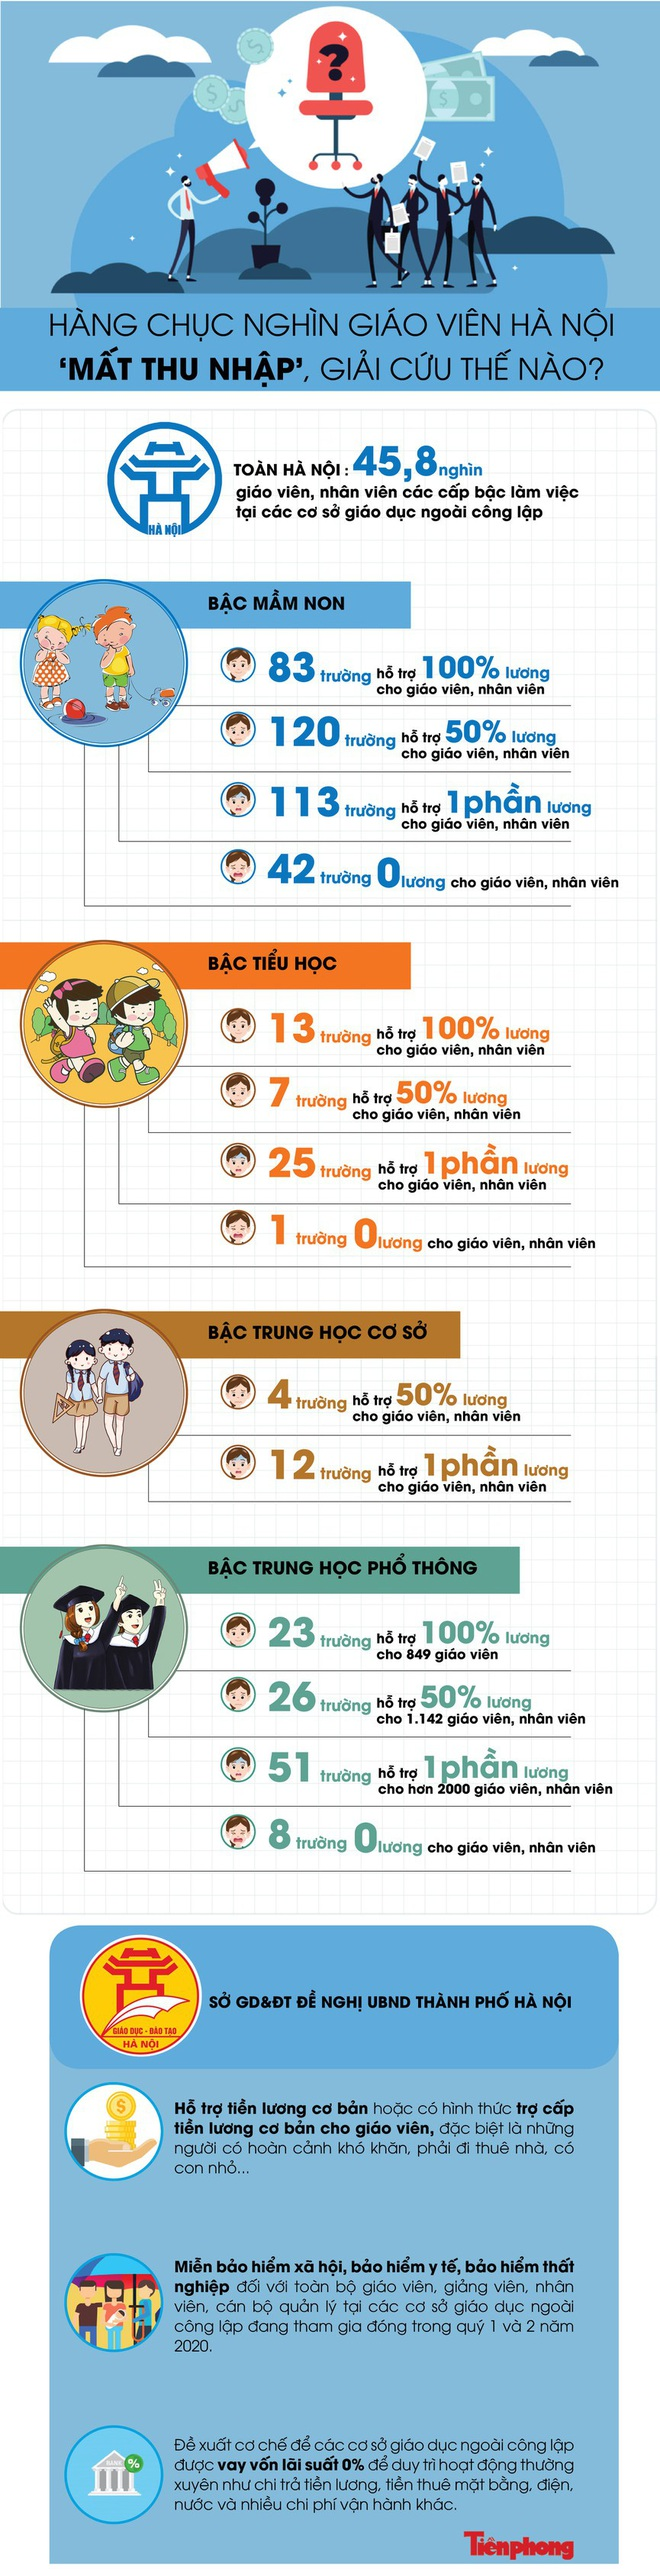 Hàng chục nghìn giáo viên Hà Nội mất thu nhập, giải cứu thế nào? - ảnh 1